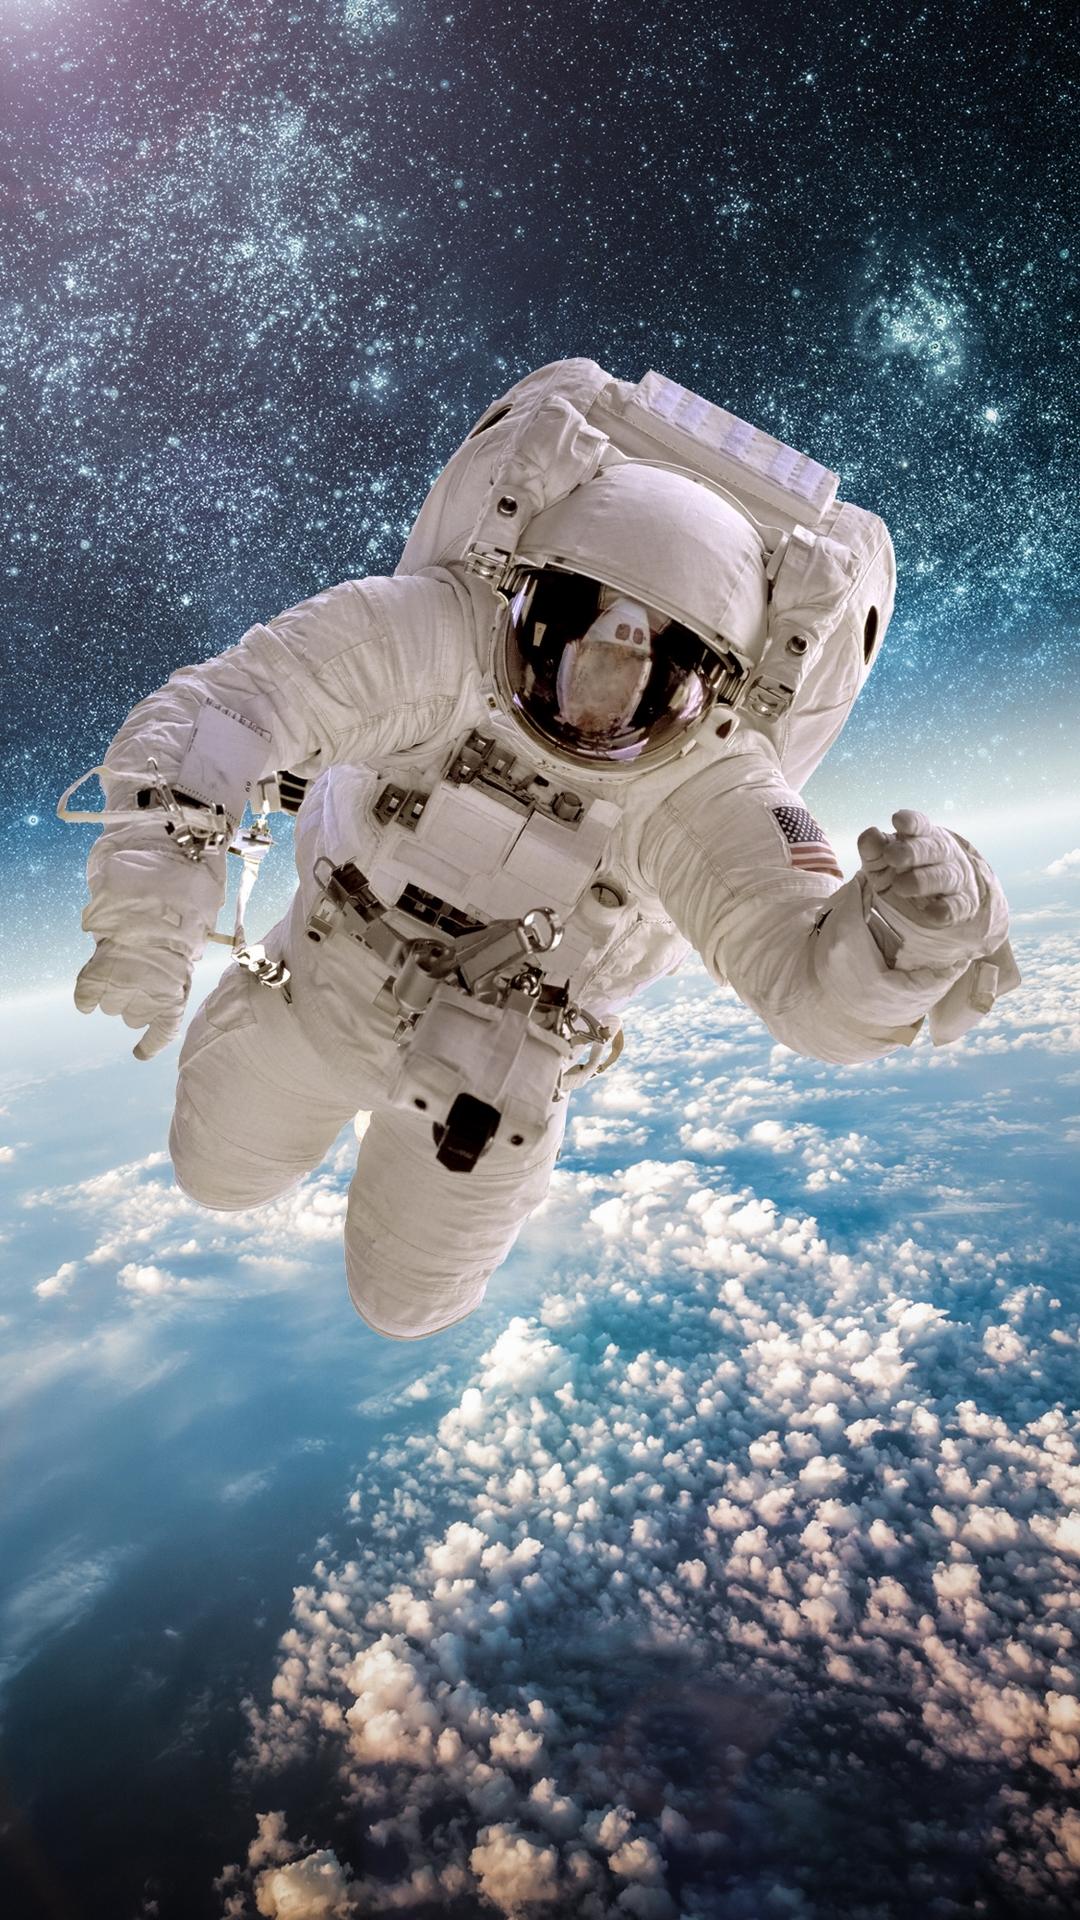 Live Wallpaper Iphone 10 Download Free Astronaut Iphone Wallpaper Pixelstalk Net